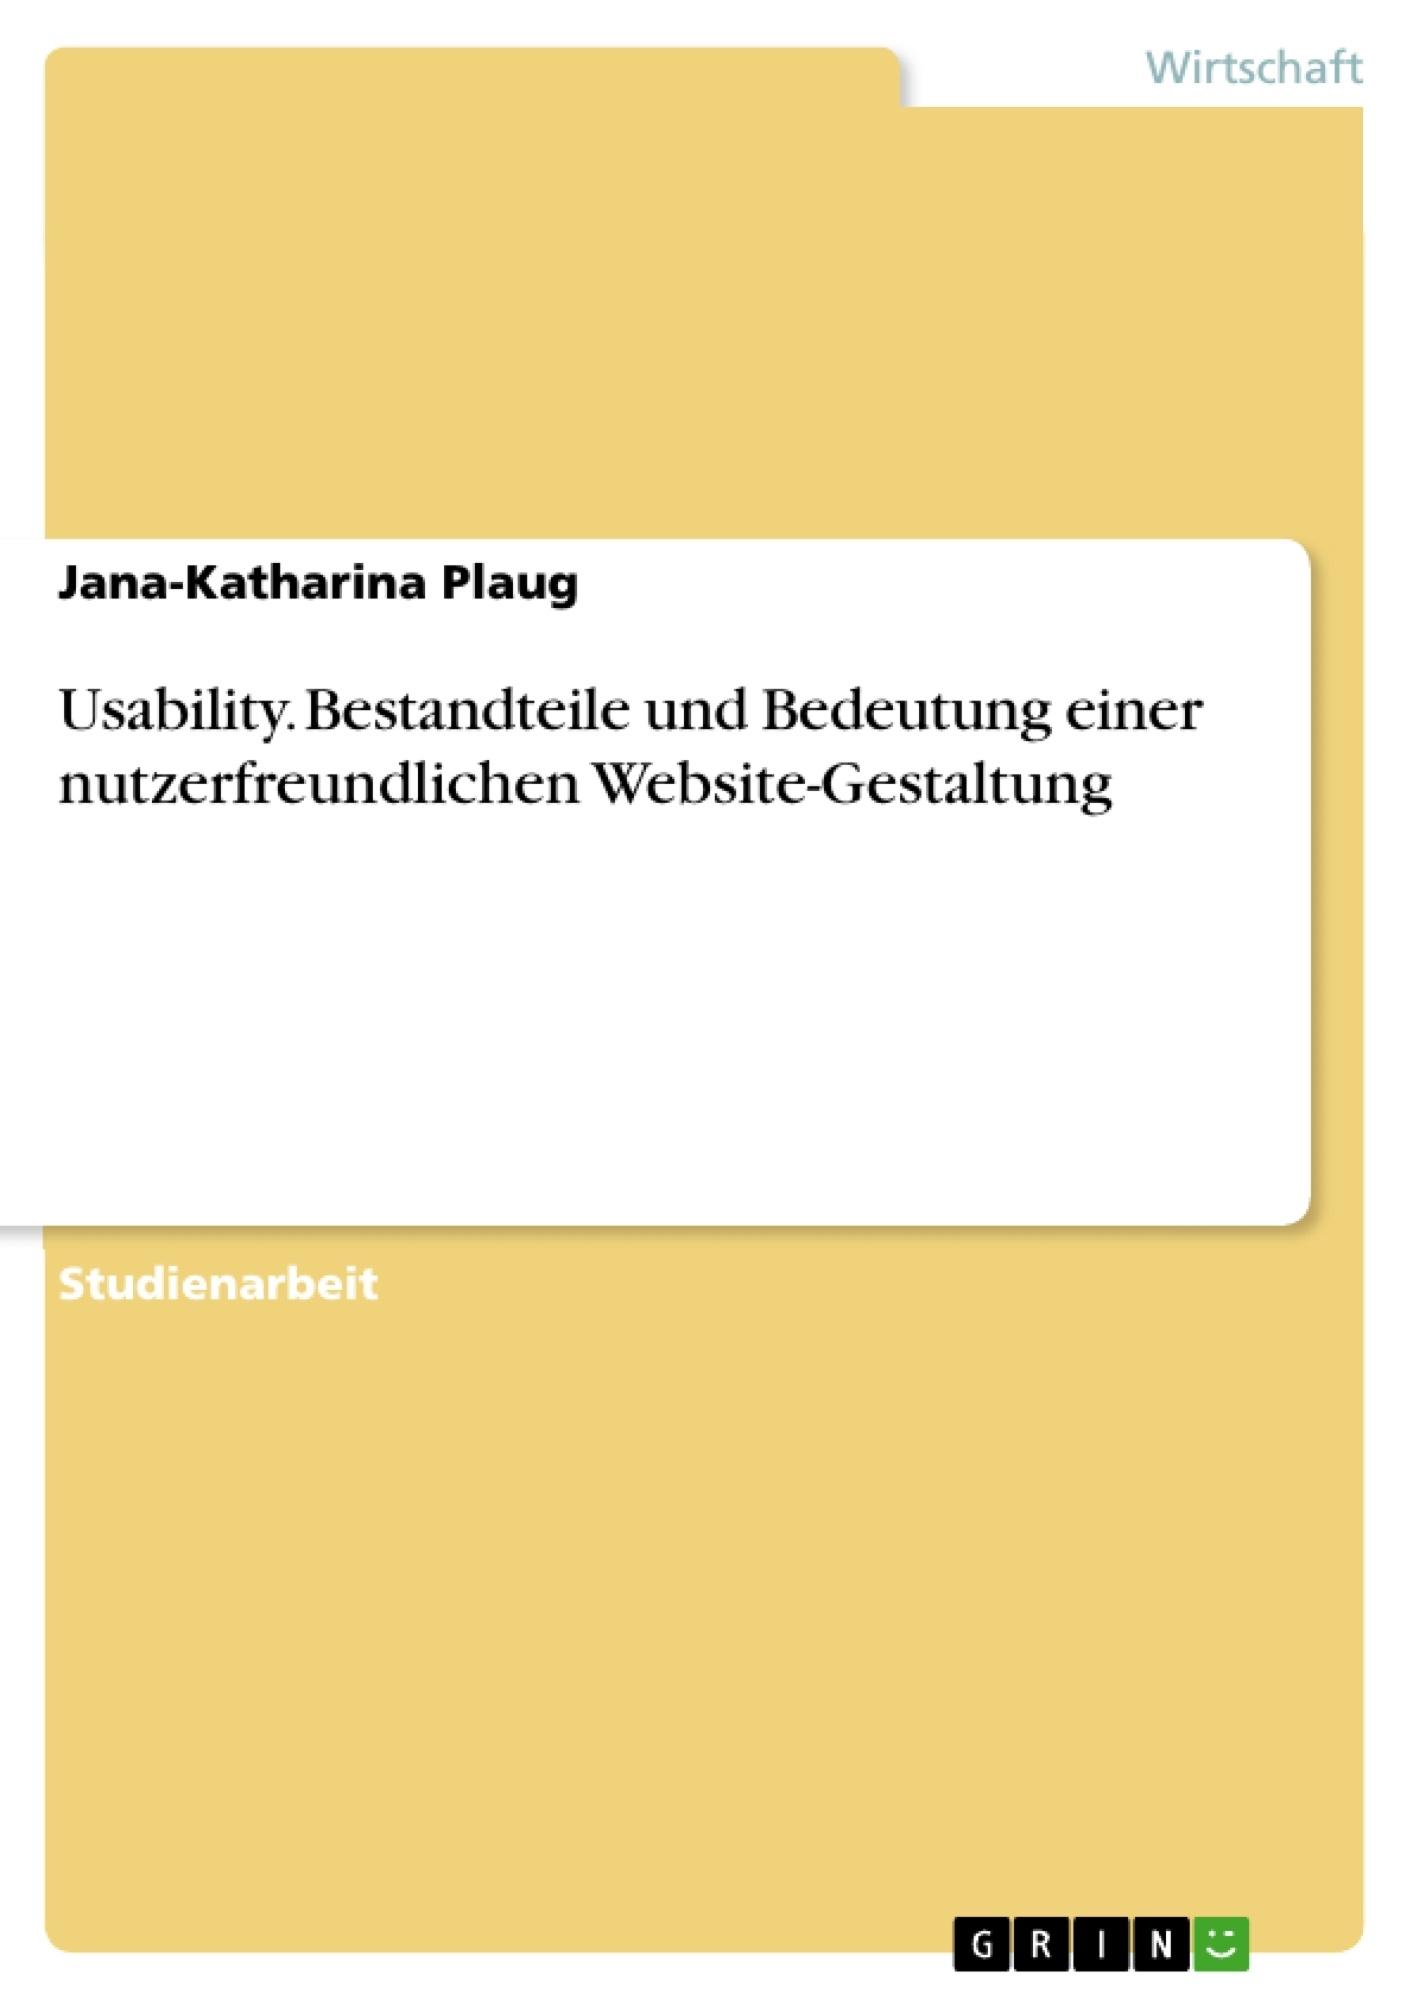 Titel: Usability. Bestandteile und Bedeutung einer nutzerfreundlichen Website-Gestaltung